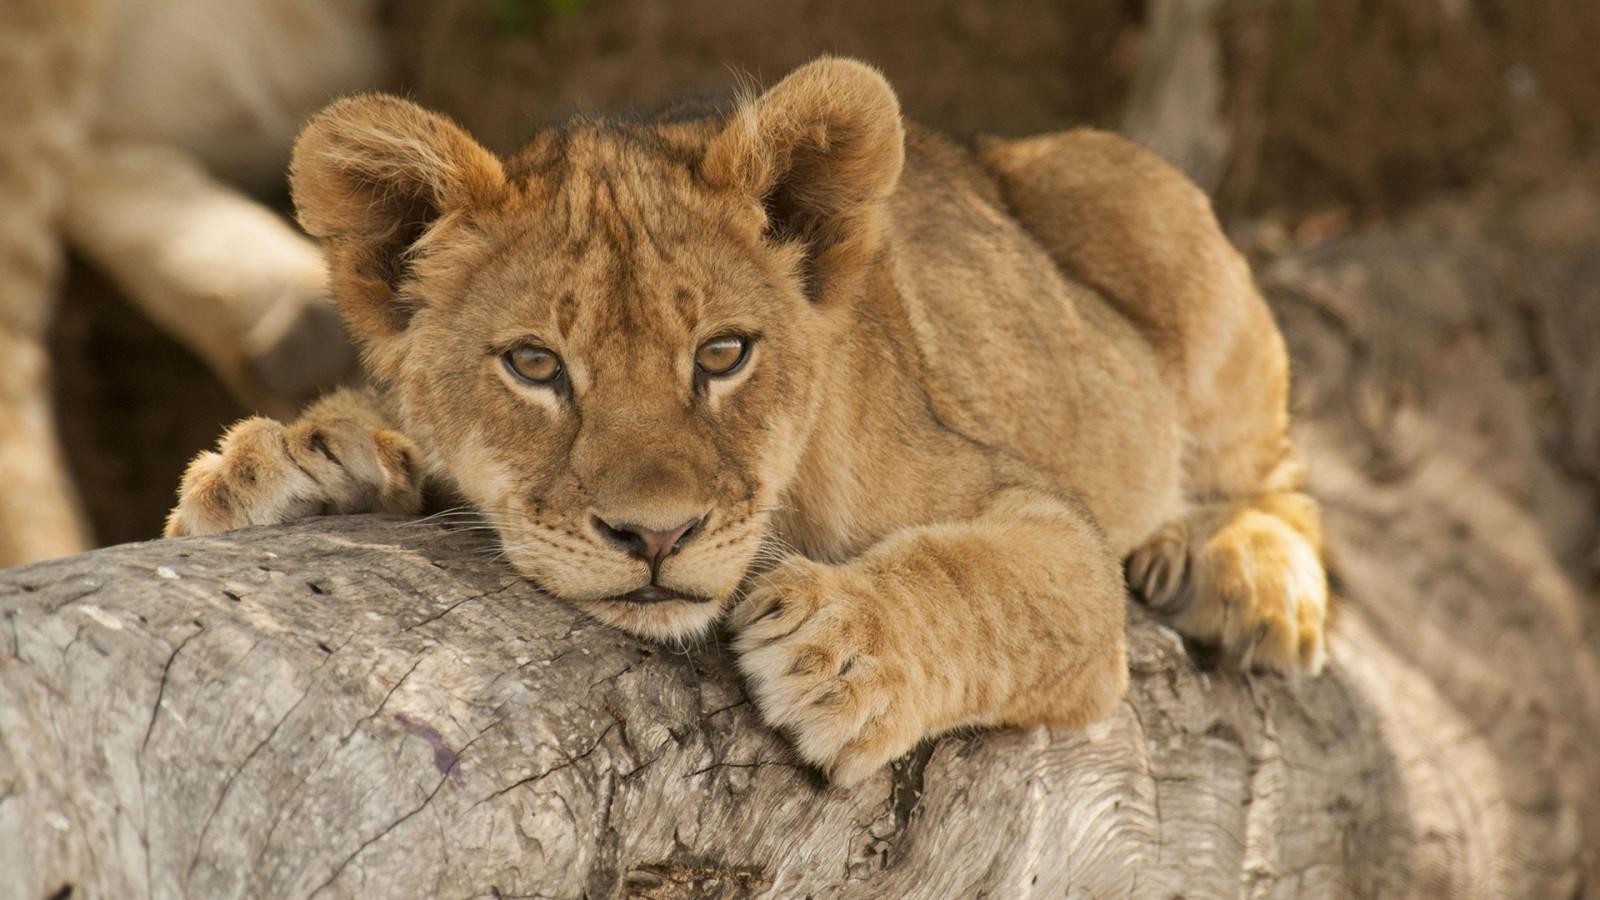 Sfondi 1920x1080 px animali leone 1920x1080 for Sfondi leone